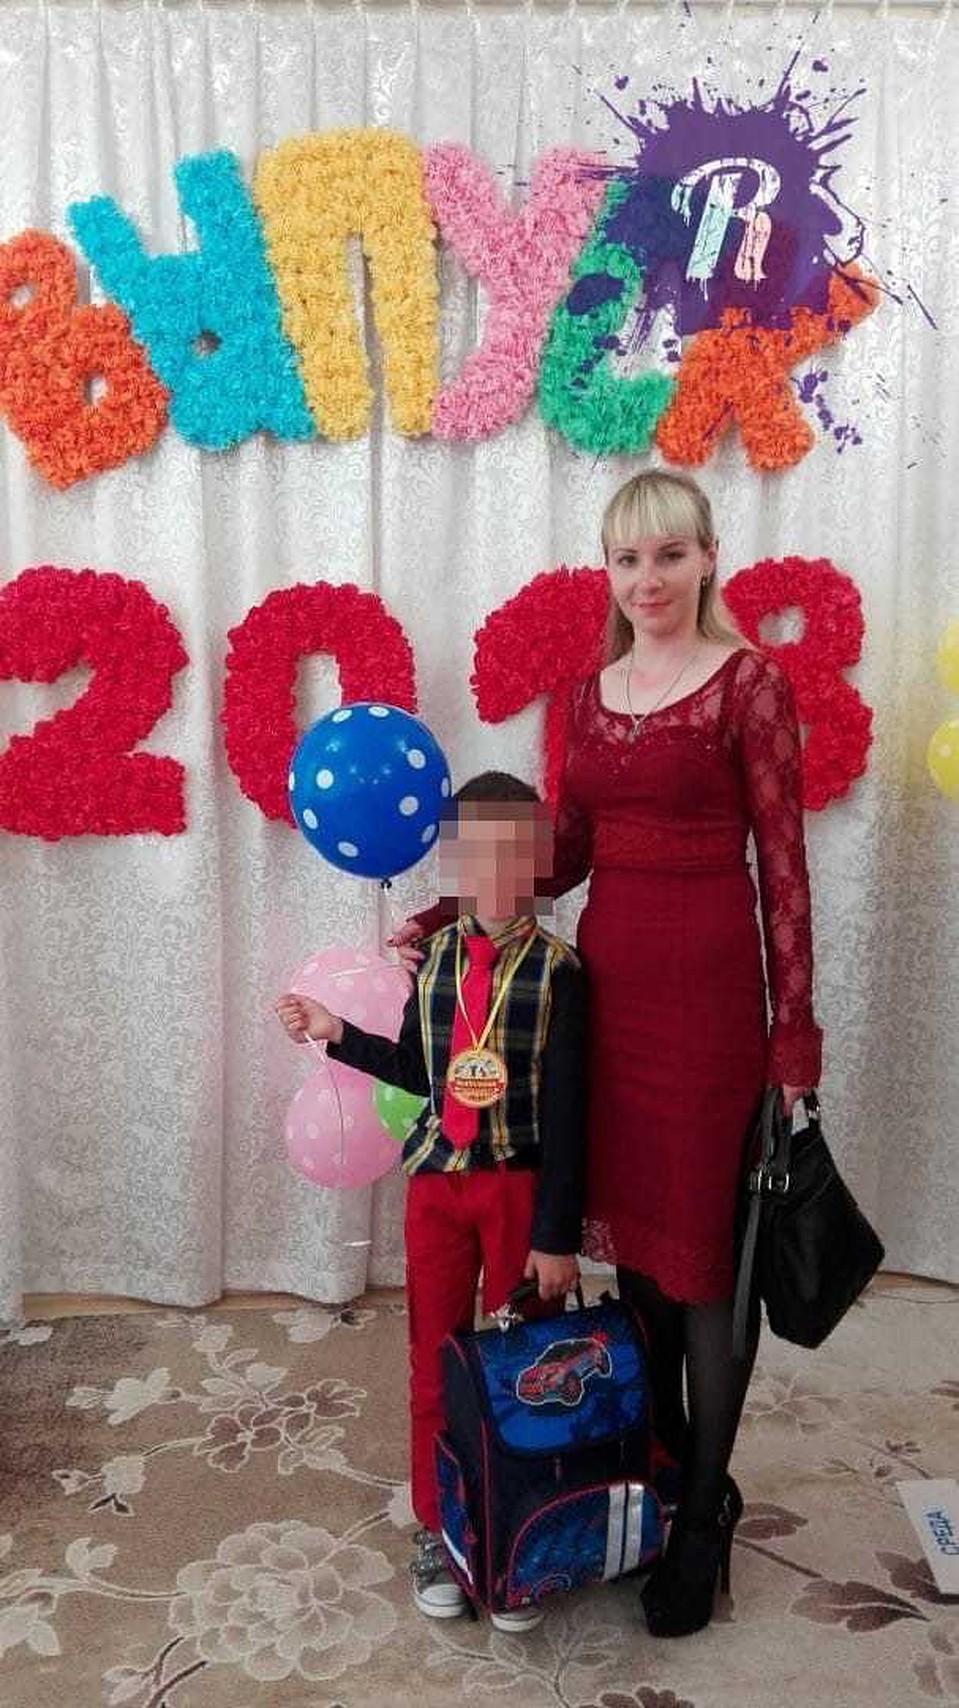 У Полины осталось трое детей, младшей дочке около полугода. Фото: vk.com